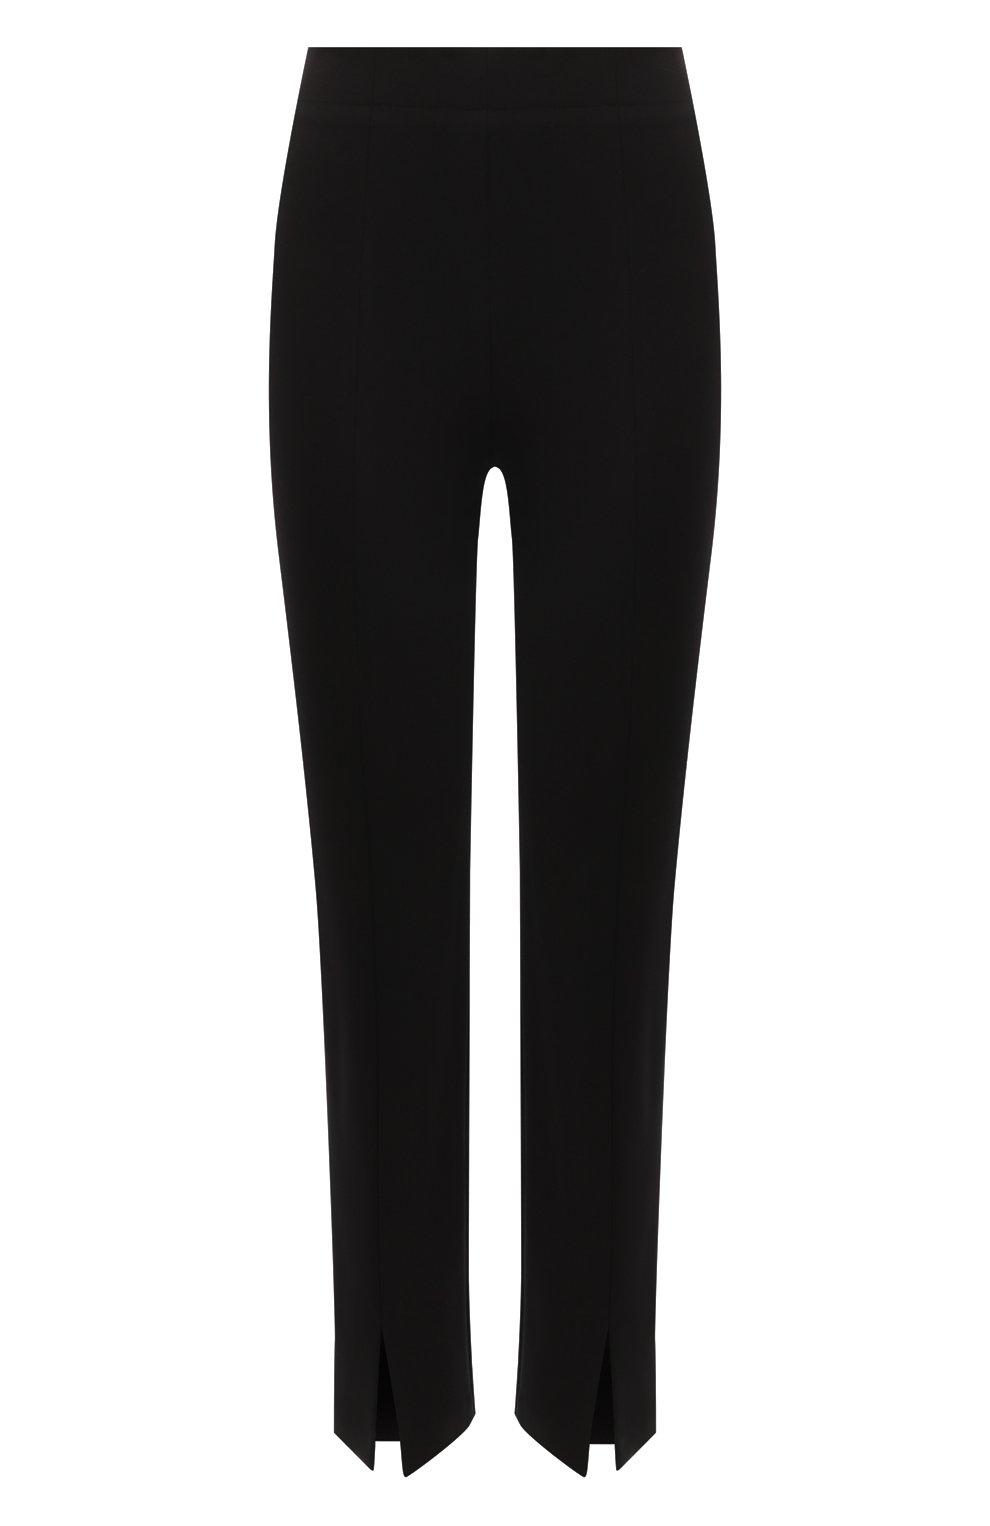 Женские брюки TIBI черного цвета, арт. P220BS3170   Фото 1 (Длина (брюки, джинсы): Стандартные; Женское Кросс-КТ: Брюки-одежда; Материал внешний: Синтетический материал, Вискоза; Силуэт Ж (брюки и джинсы): Прямые; Стили: Минимализм)